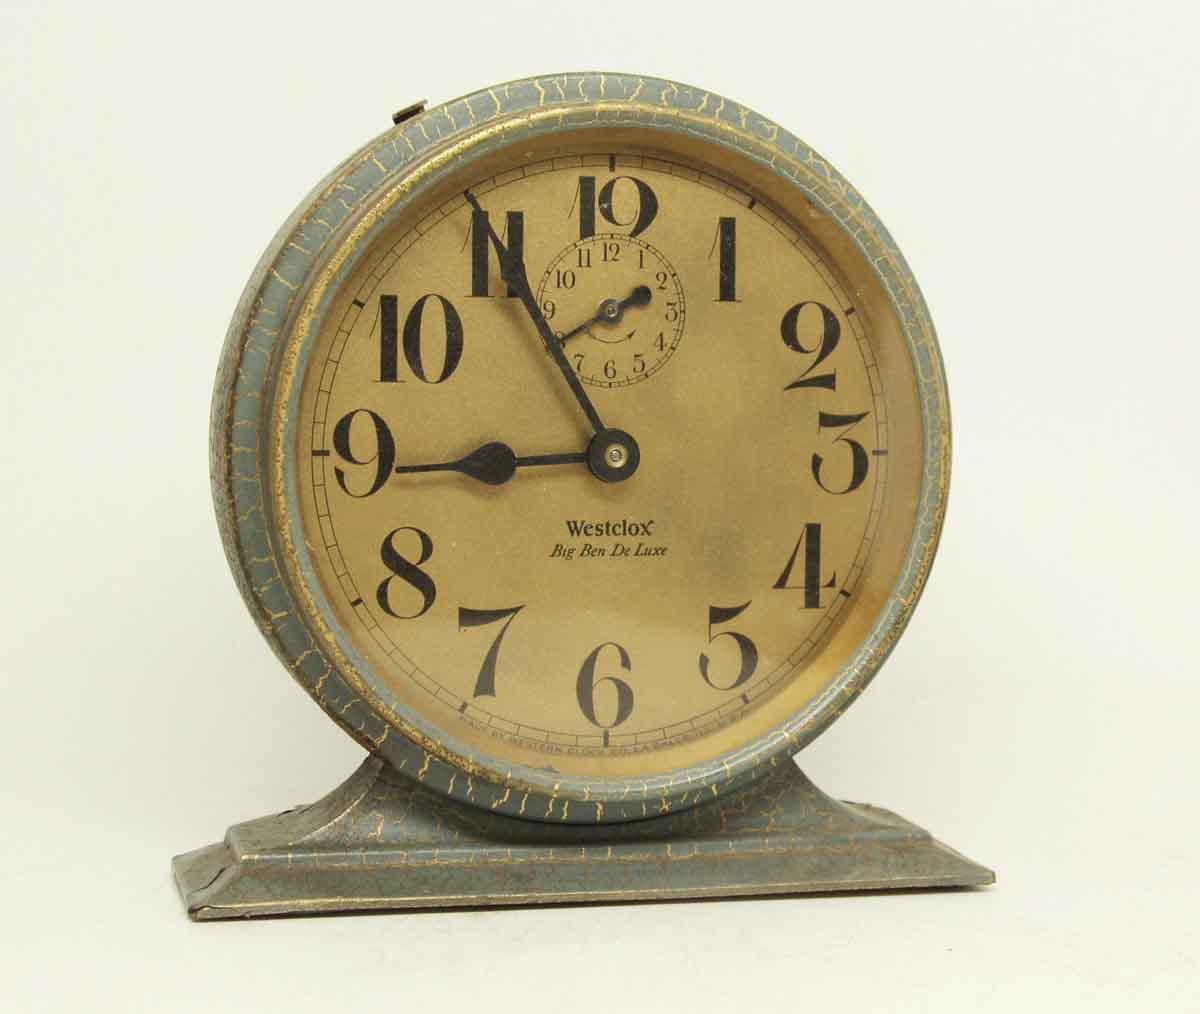 westclox big ben alarm clock instructions